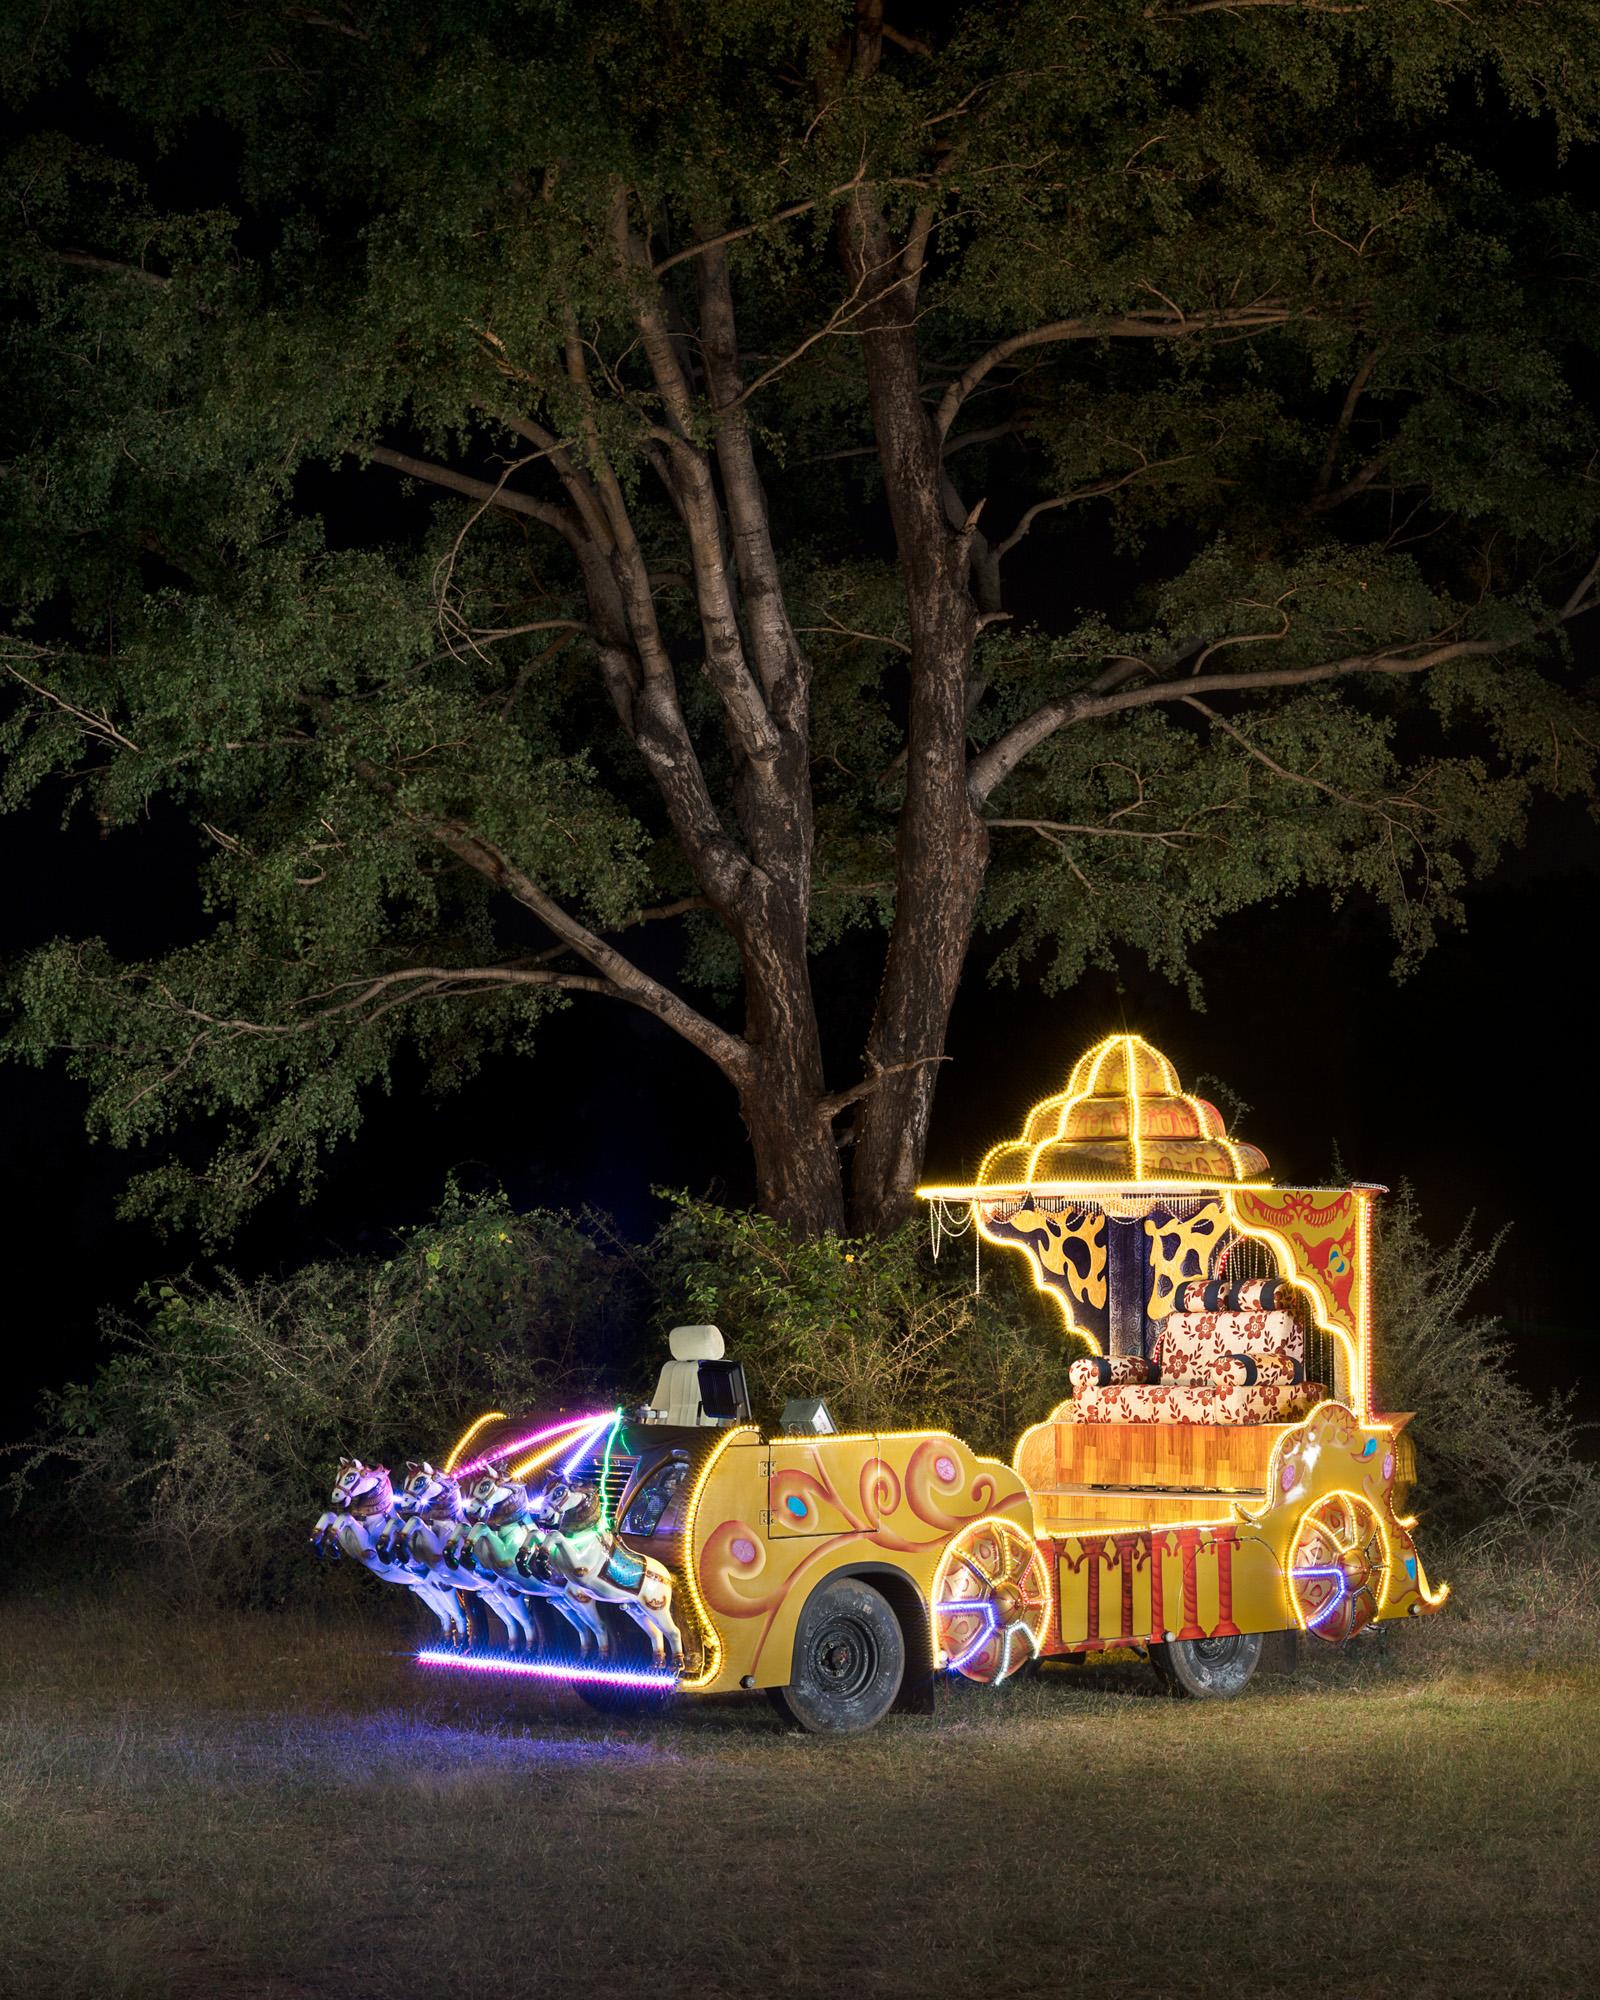 """'Pleasure Chariot' - Vetavalam. 15 August, 2018. 36"""" x 29"""" Archival inkjet print on Hahnehmühle pear"""